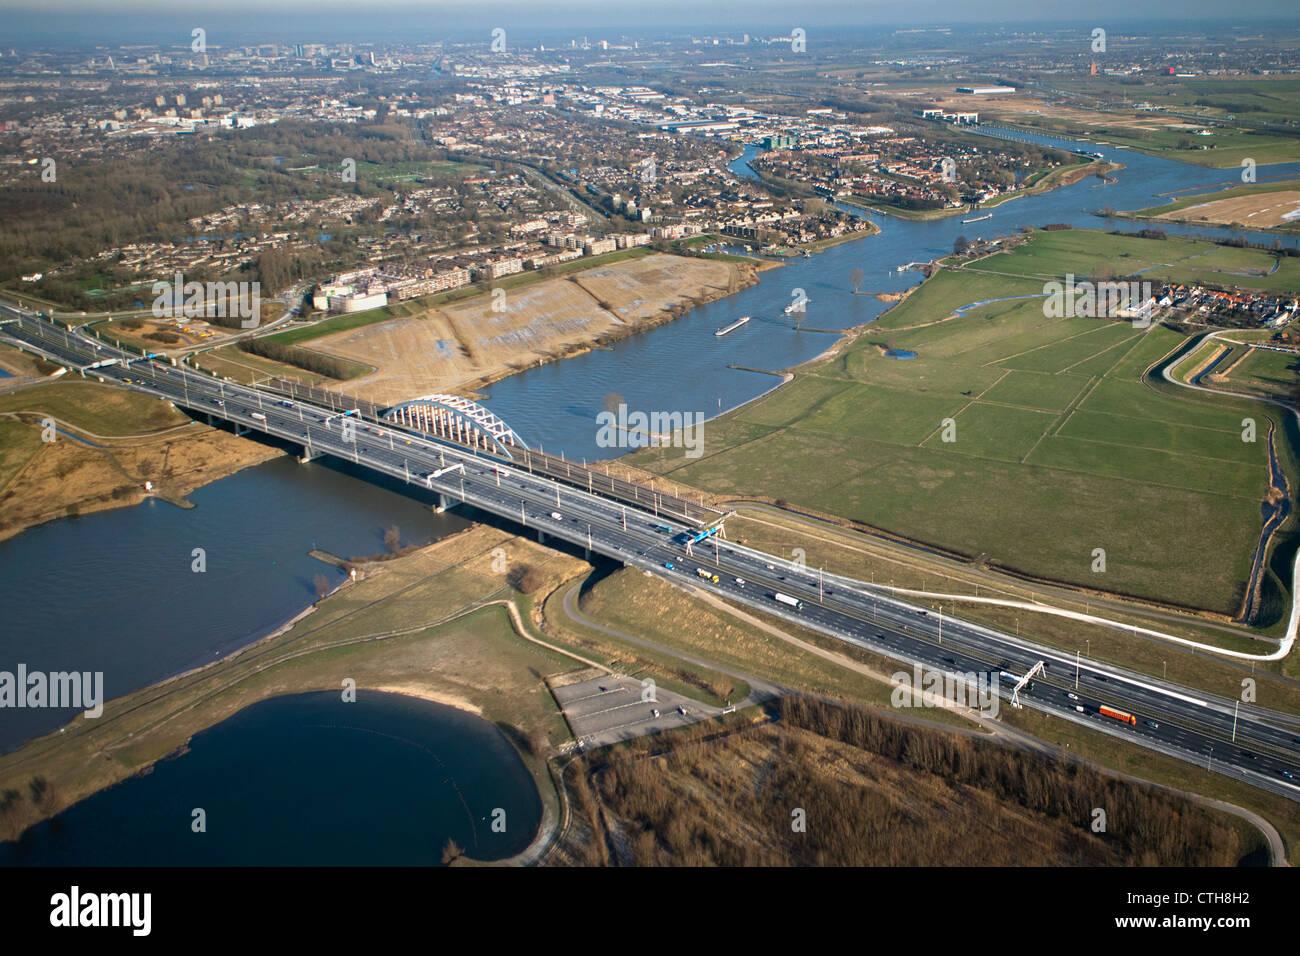 The Netherlands, Vianen, Bridge over highway A2. Aerial - Stock Image